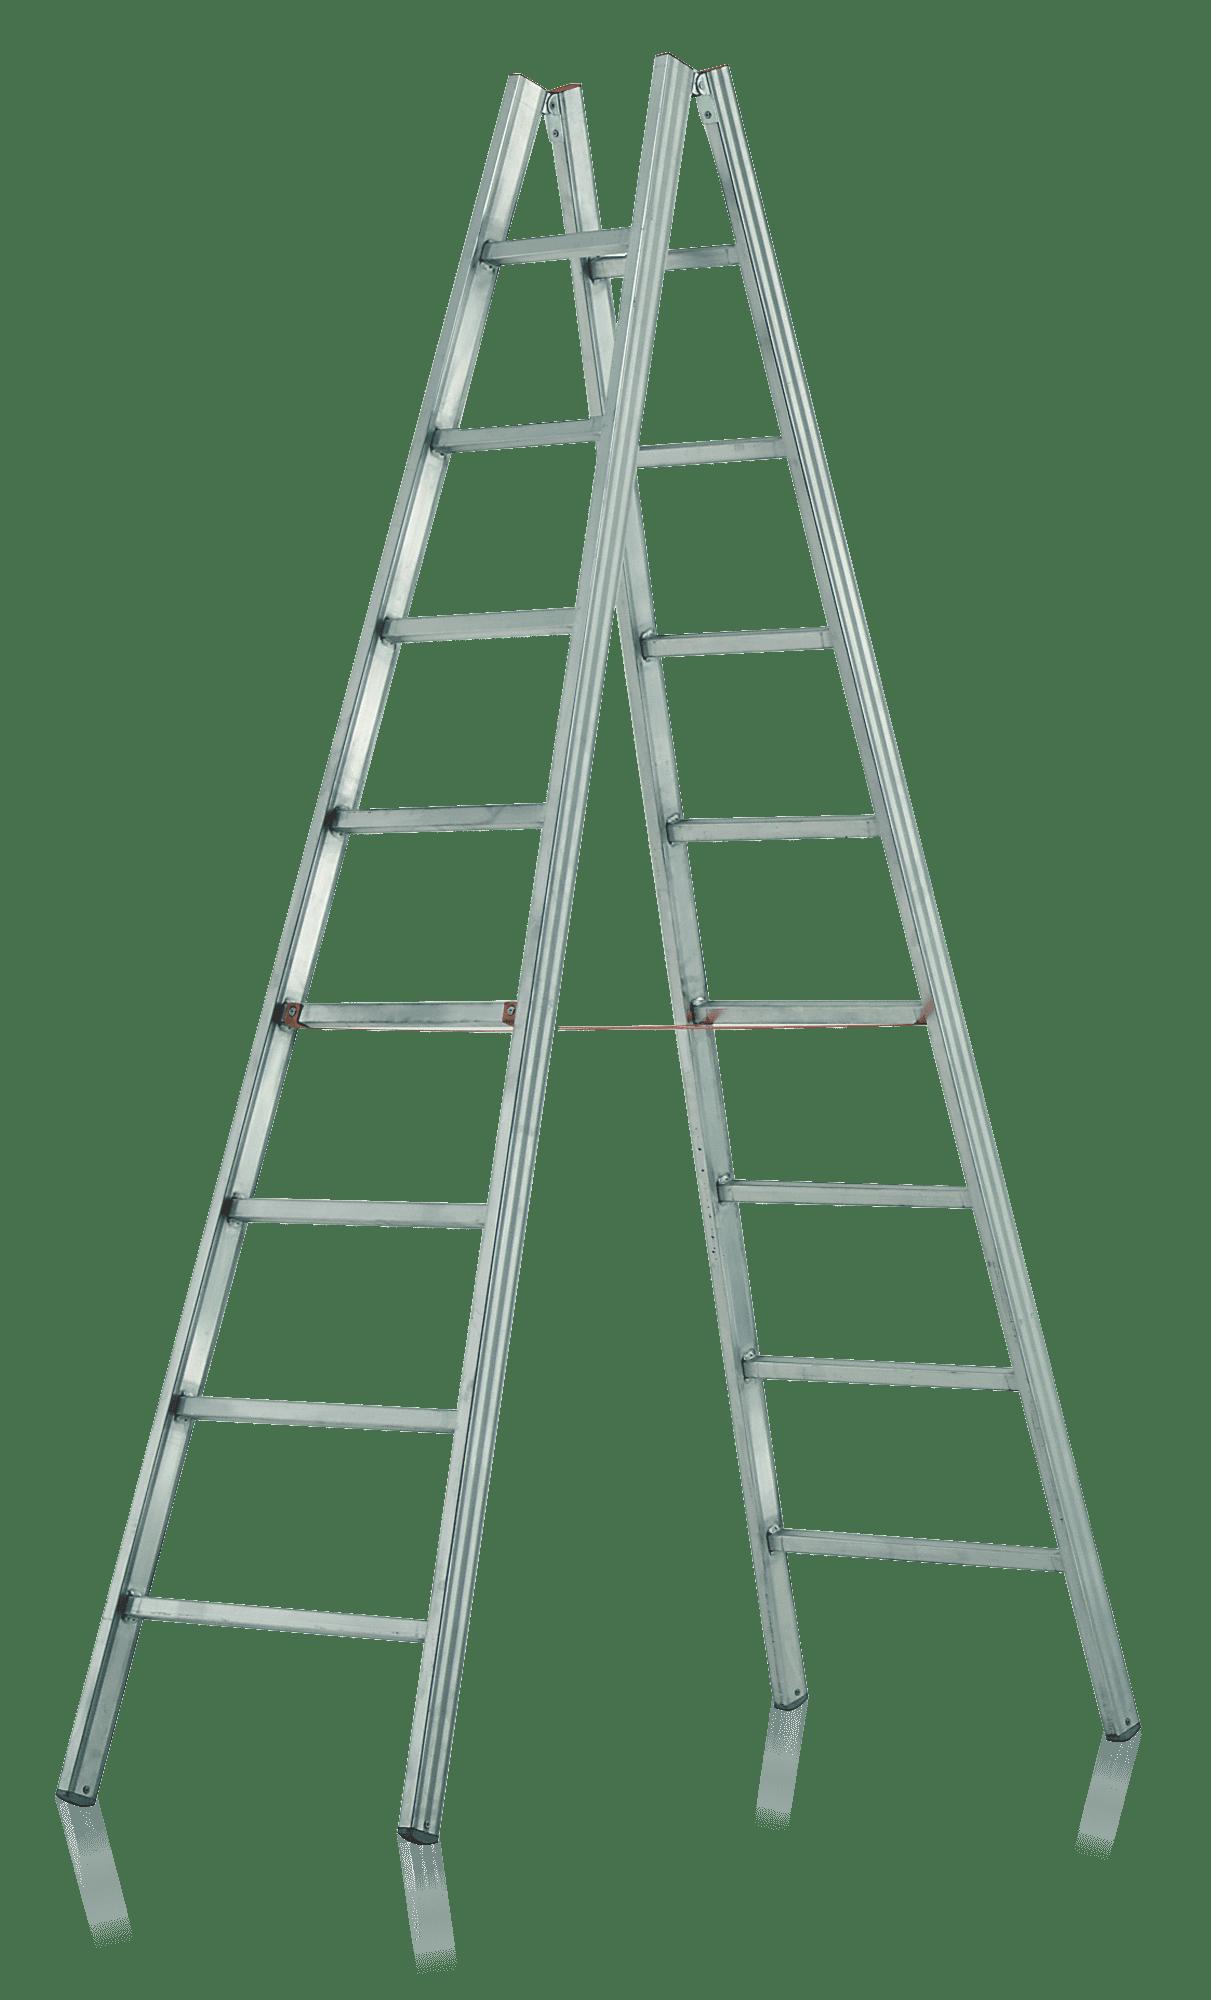 DVOJITÝ HLINÍKOVÝ REBRÍK – Rada ROBUST Typ R-300